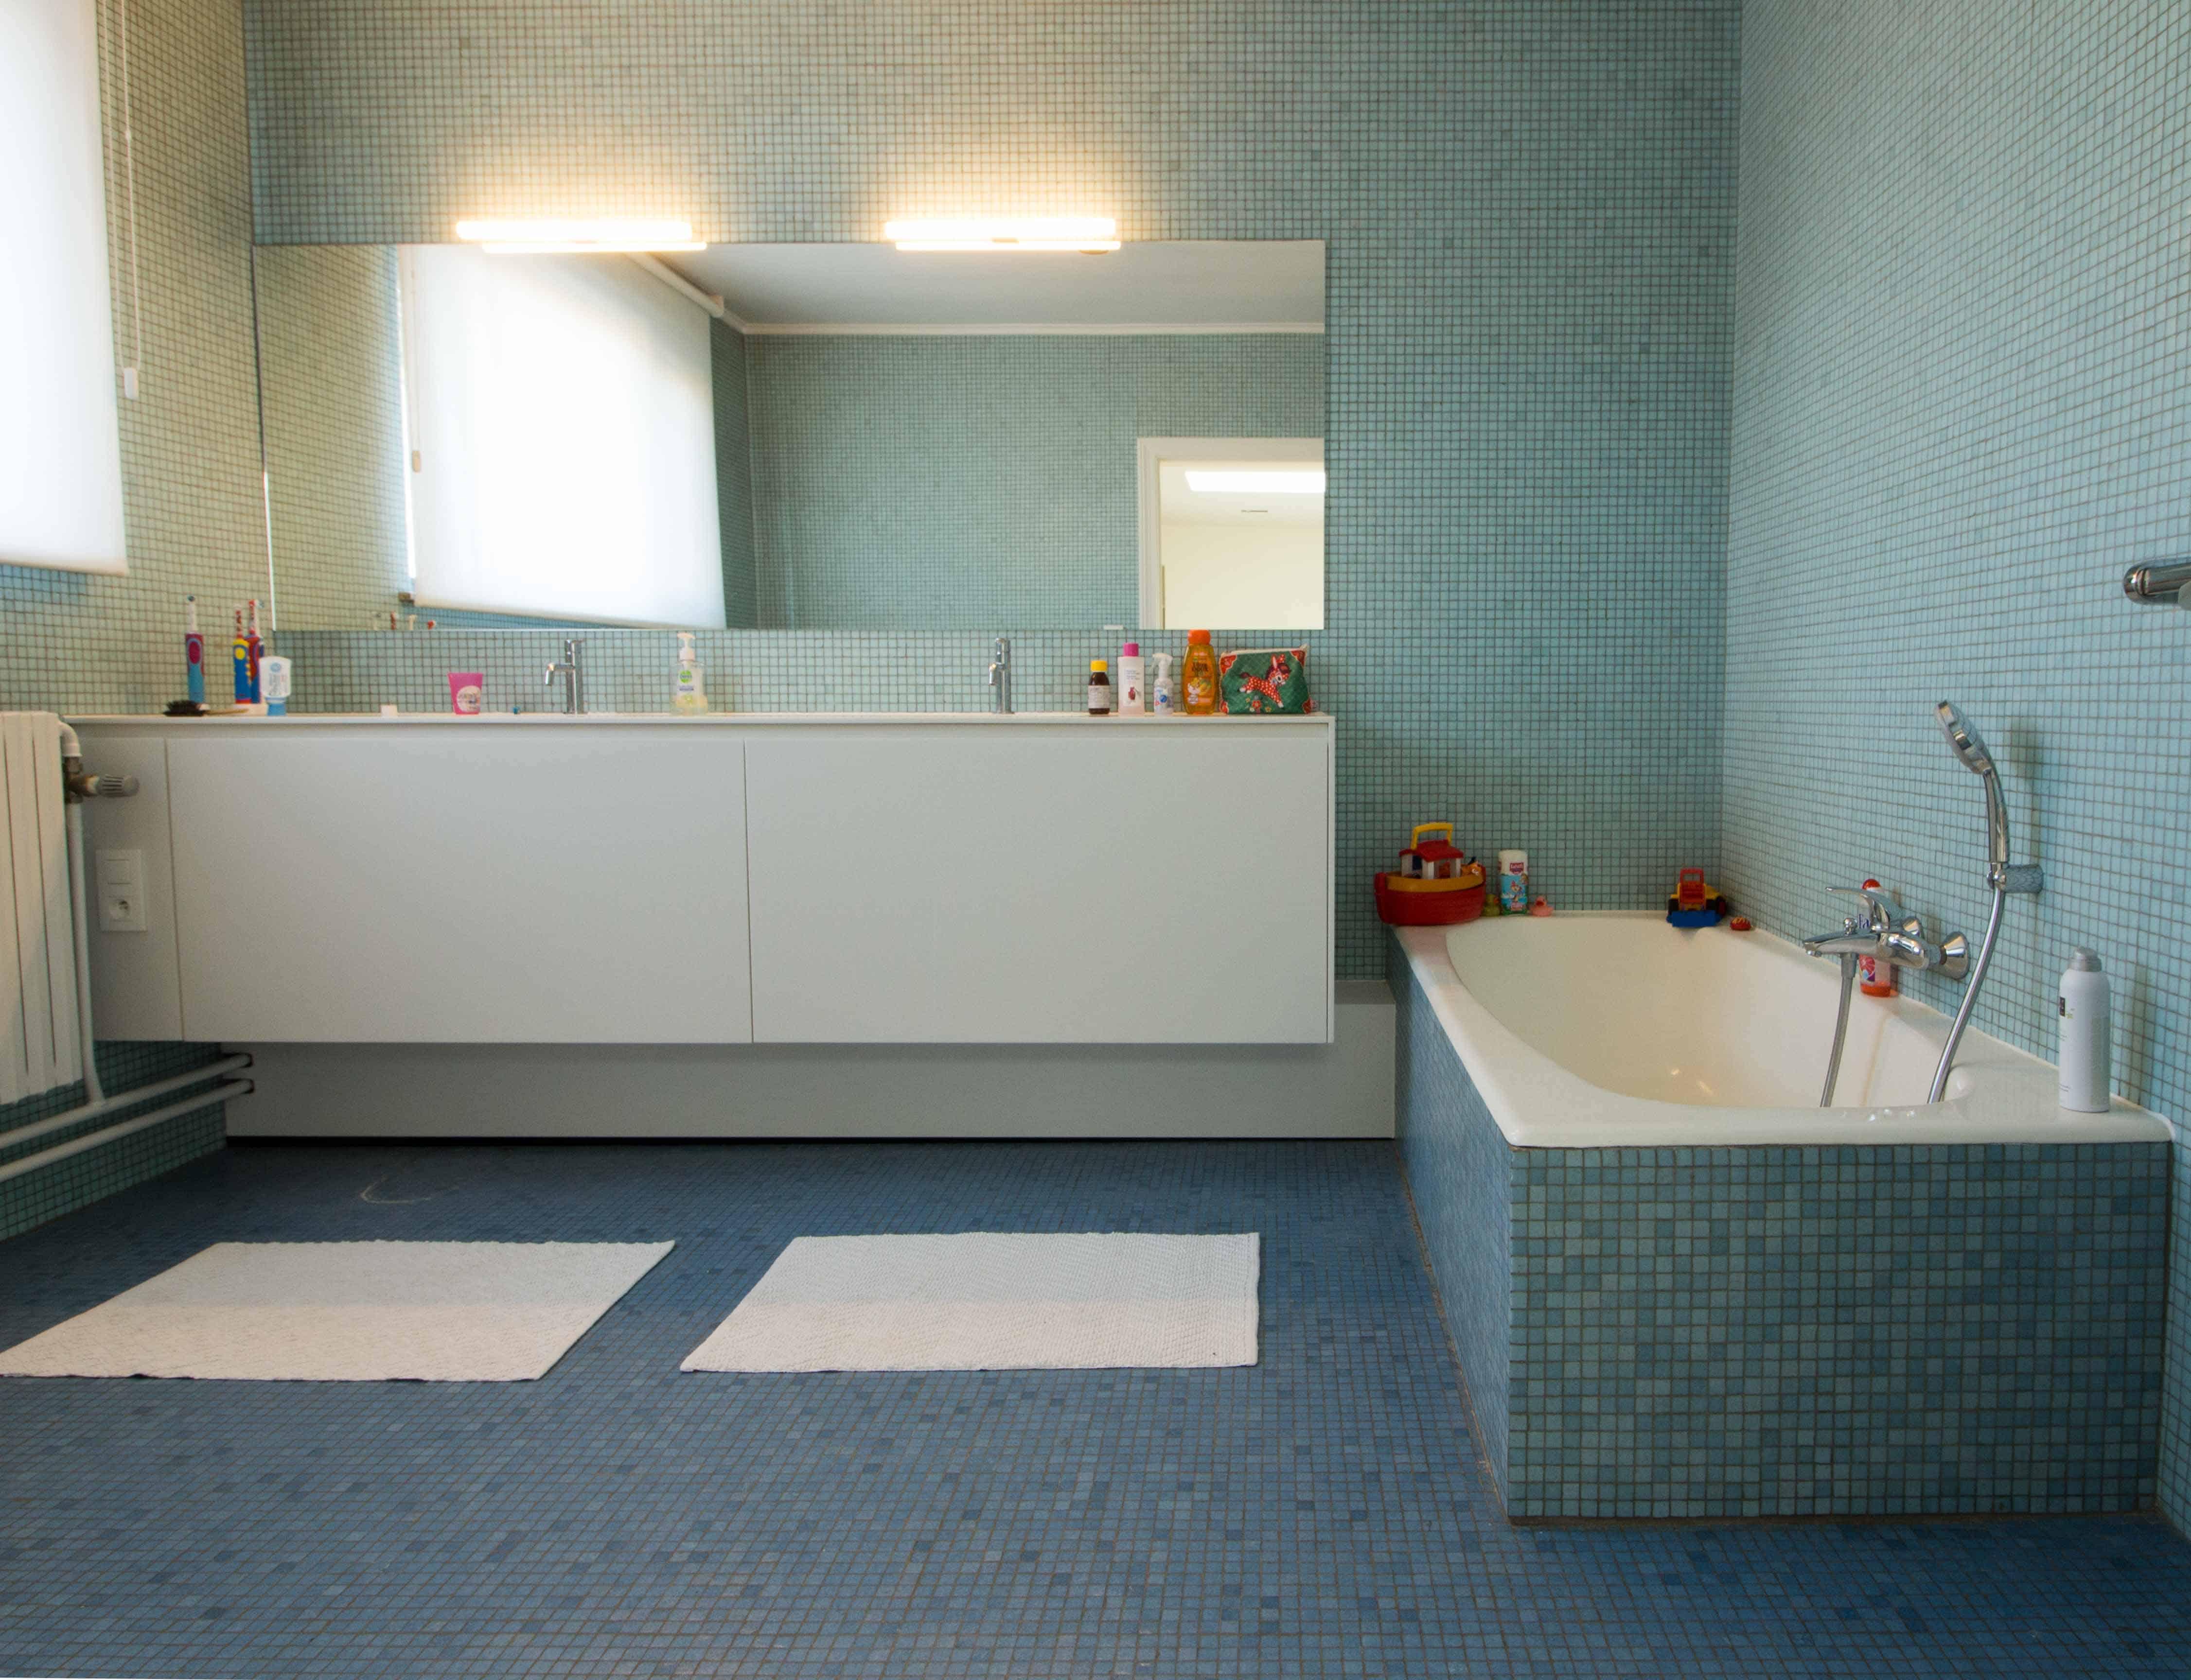 kinder badkamer villa